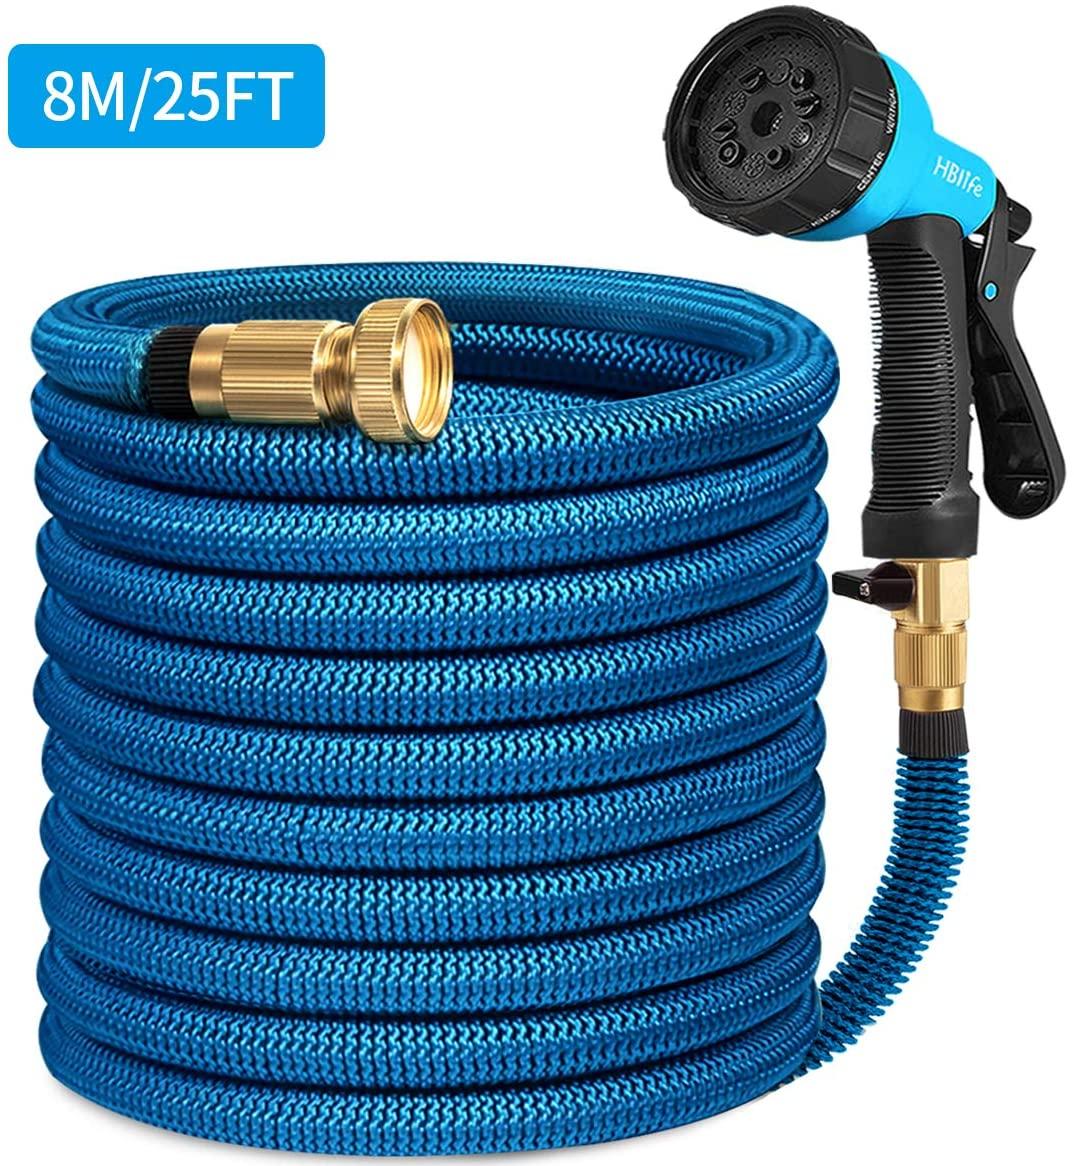 HB life Tubo da Giardino Tubo da Giardino Estensibile 8M/25FT Raccordi in Ottone Massiccio Tubo Flessibile per Acqua con Valvola di Arresto ugello di Spruzzo (8M, Blu)